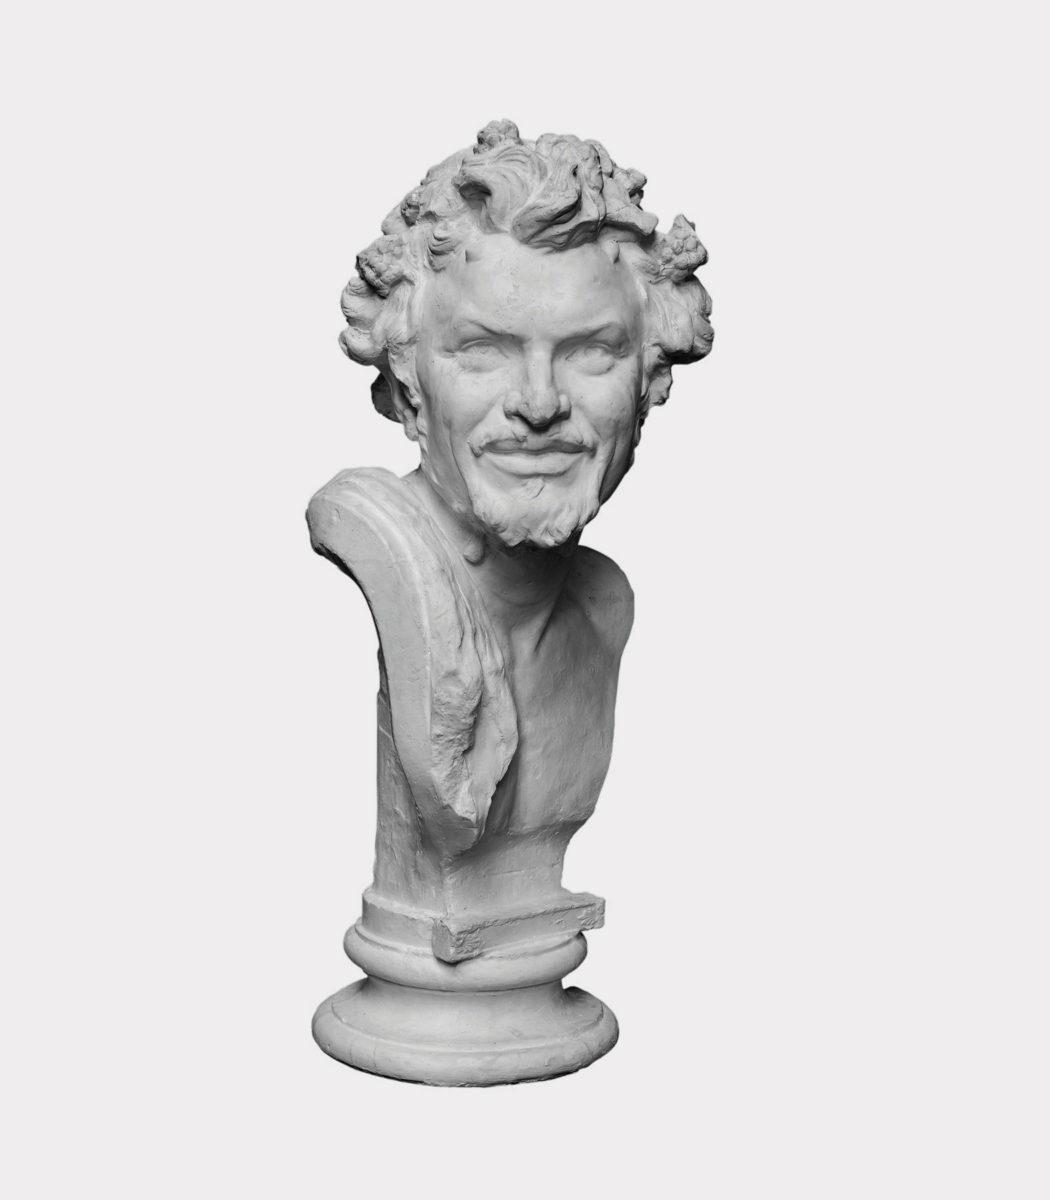 Κεφάλι Σατύρου. Γύψος, 65x30x26 εκ. (ΕΠΜΑΣ 1304/α). Ακριβές αντίγραφο από το πρωτότυπο του 1878. © Εθνική Πινακοθήκη-Μουσείο Αλεξάνδρου Σούτσου, φωτ.: Σταύρος Ψηρούκης.